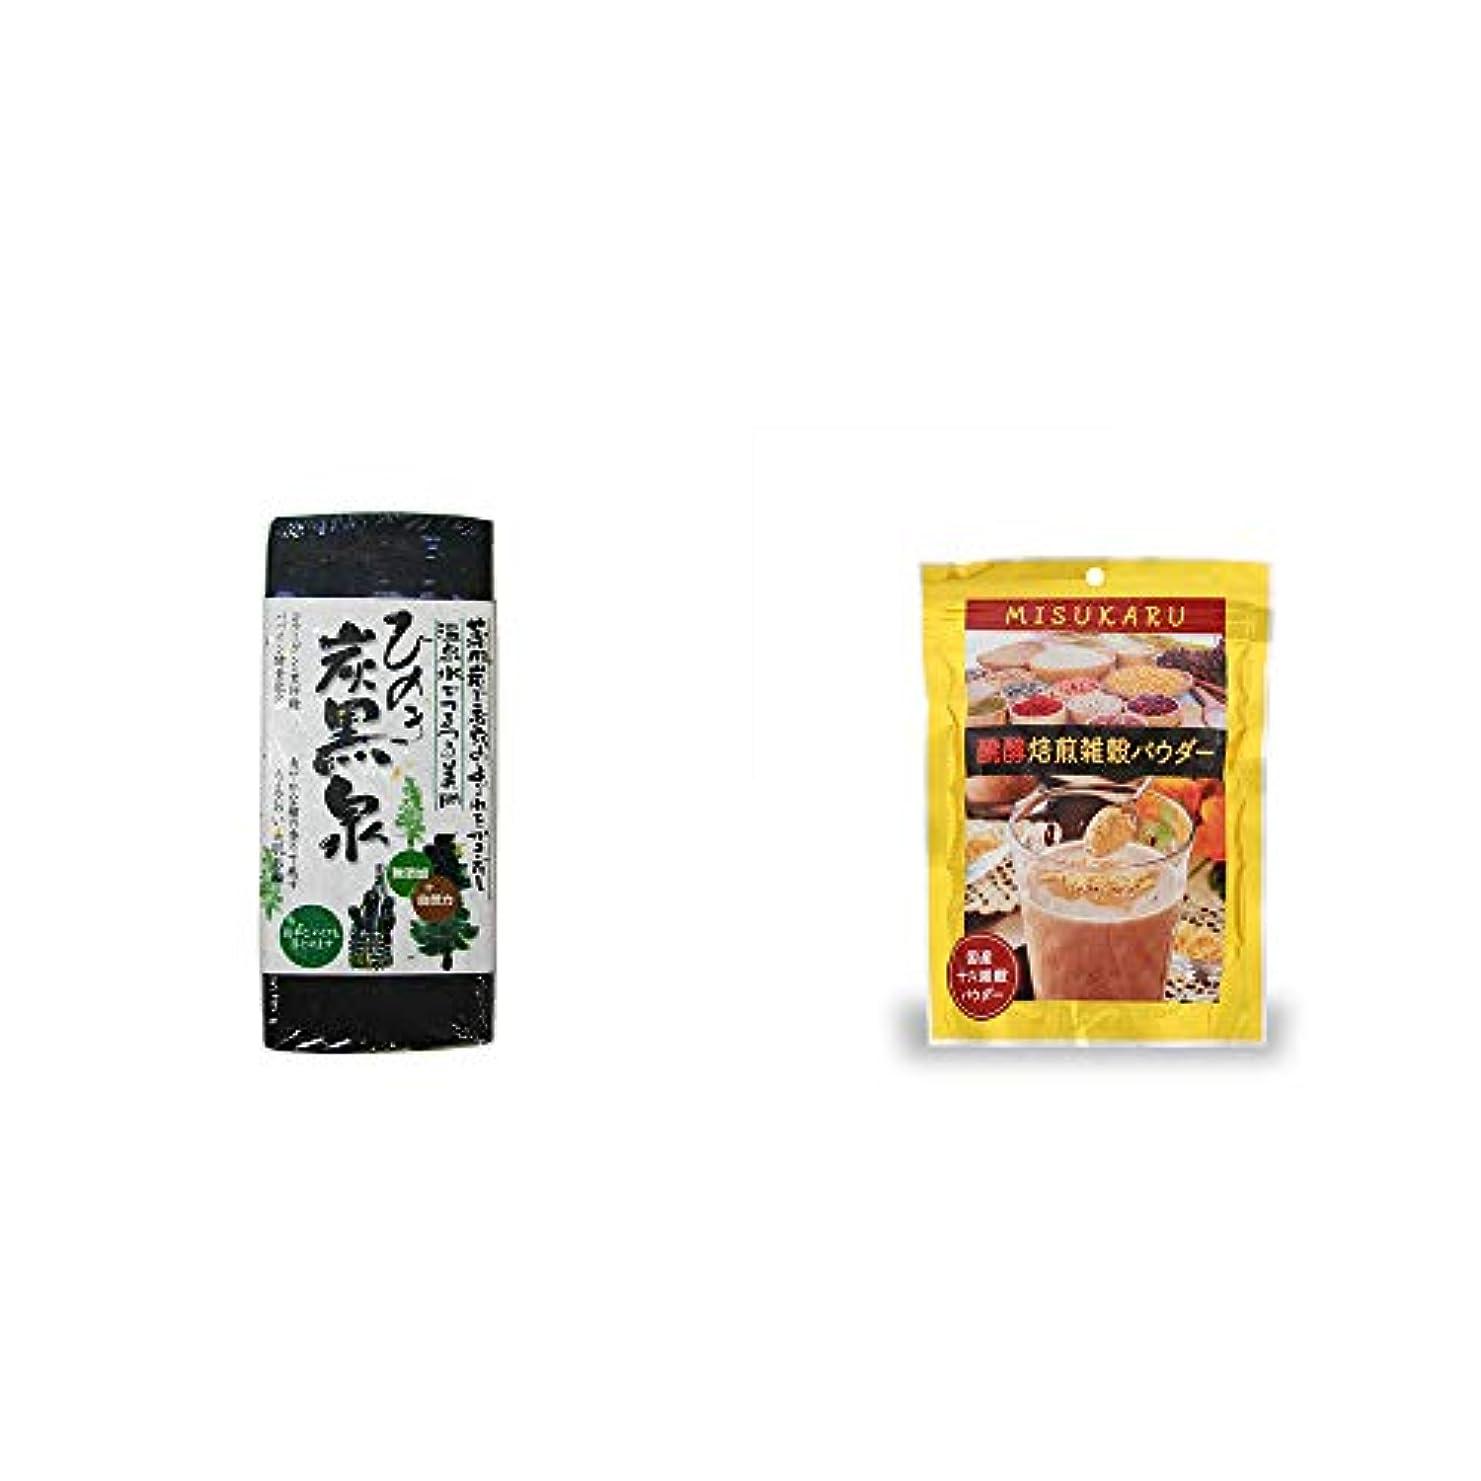 パン大統領ランドマーク[2点セット] ひのき炭黒泉(75g×2)?醗酵焙煎雑穀パウダー MISUKARU(ミスカル)(200g)